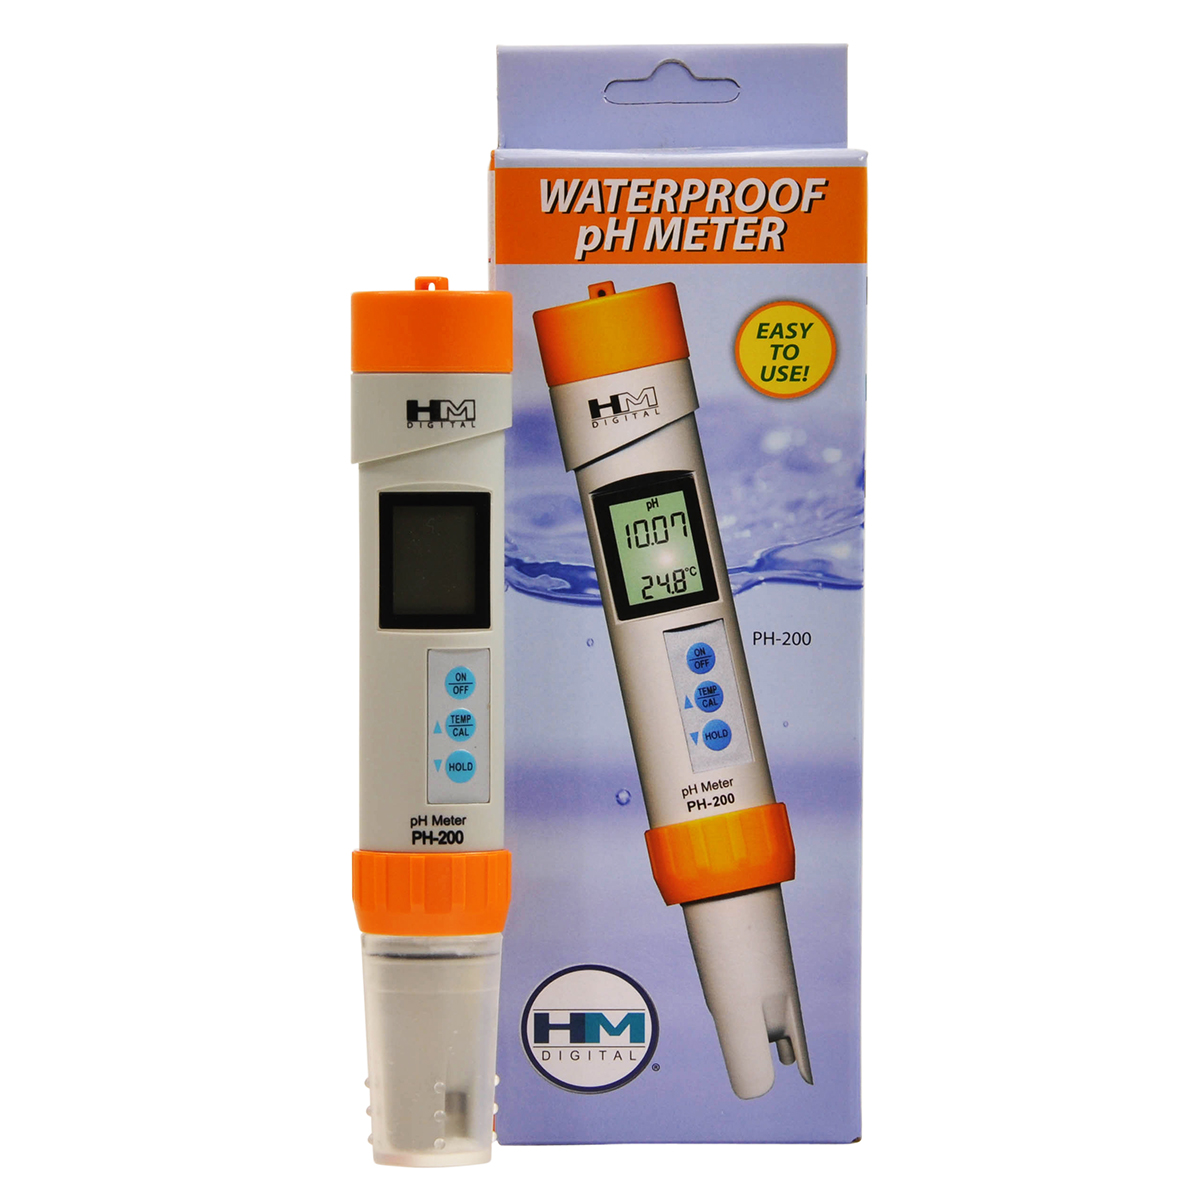 Waterproof Ph Meters : Ph waterproof meter hm digital bulk reef supply